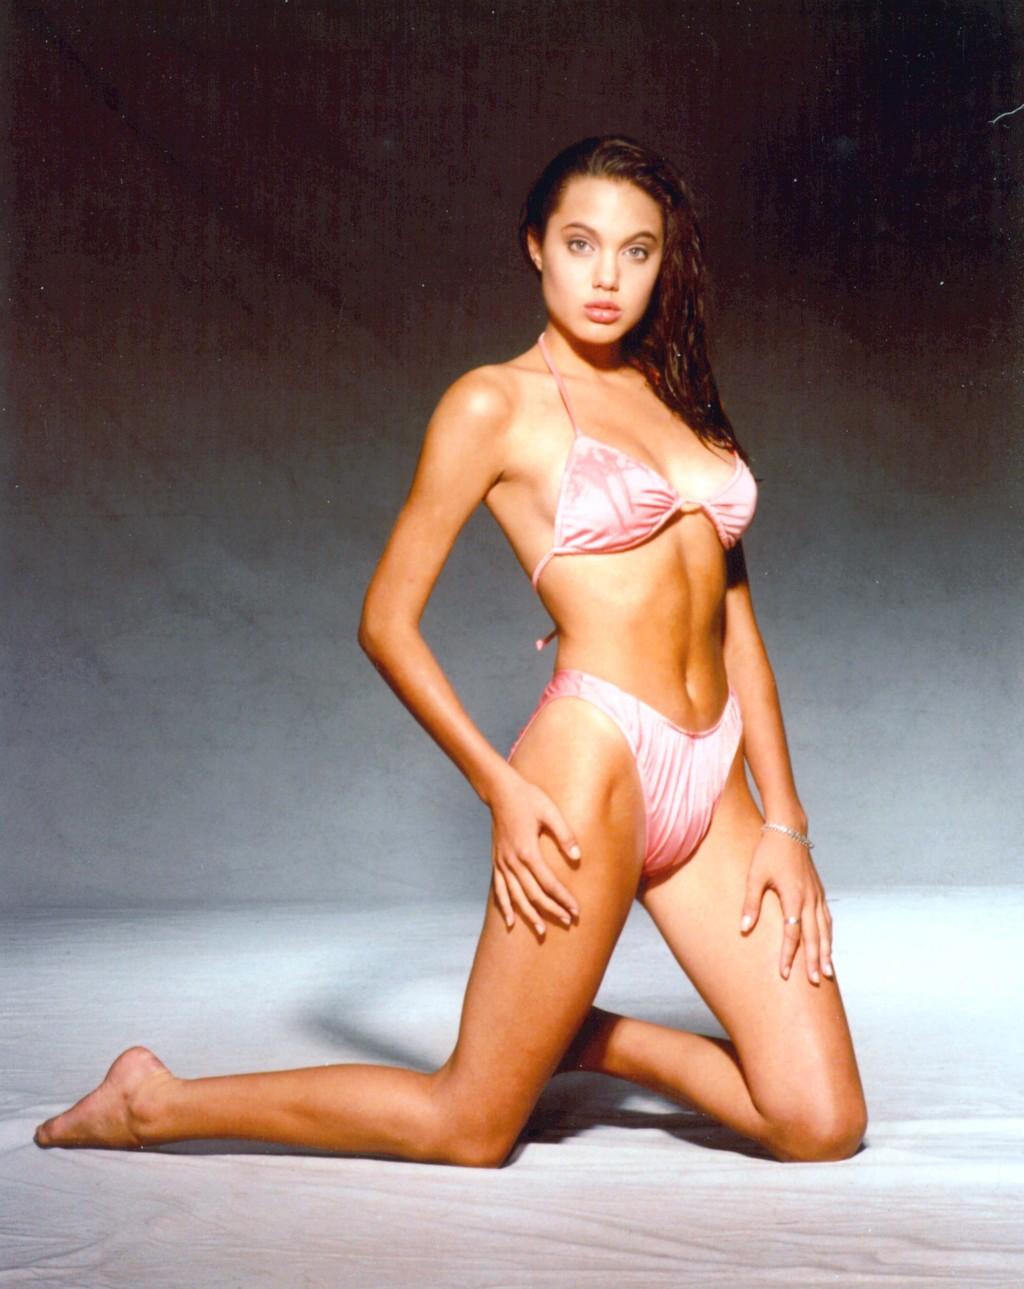 http://2.bp.blogspot.com/-UgV4P9-Kdb0/TzdUdEBiFnI/AAAAAAAALRI/yigLIftCY60/s1600/Angelina+Jolie+in+Bikini+3.jpg